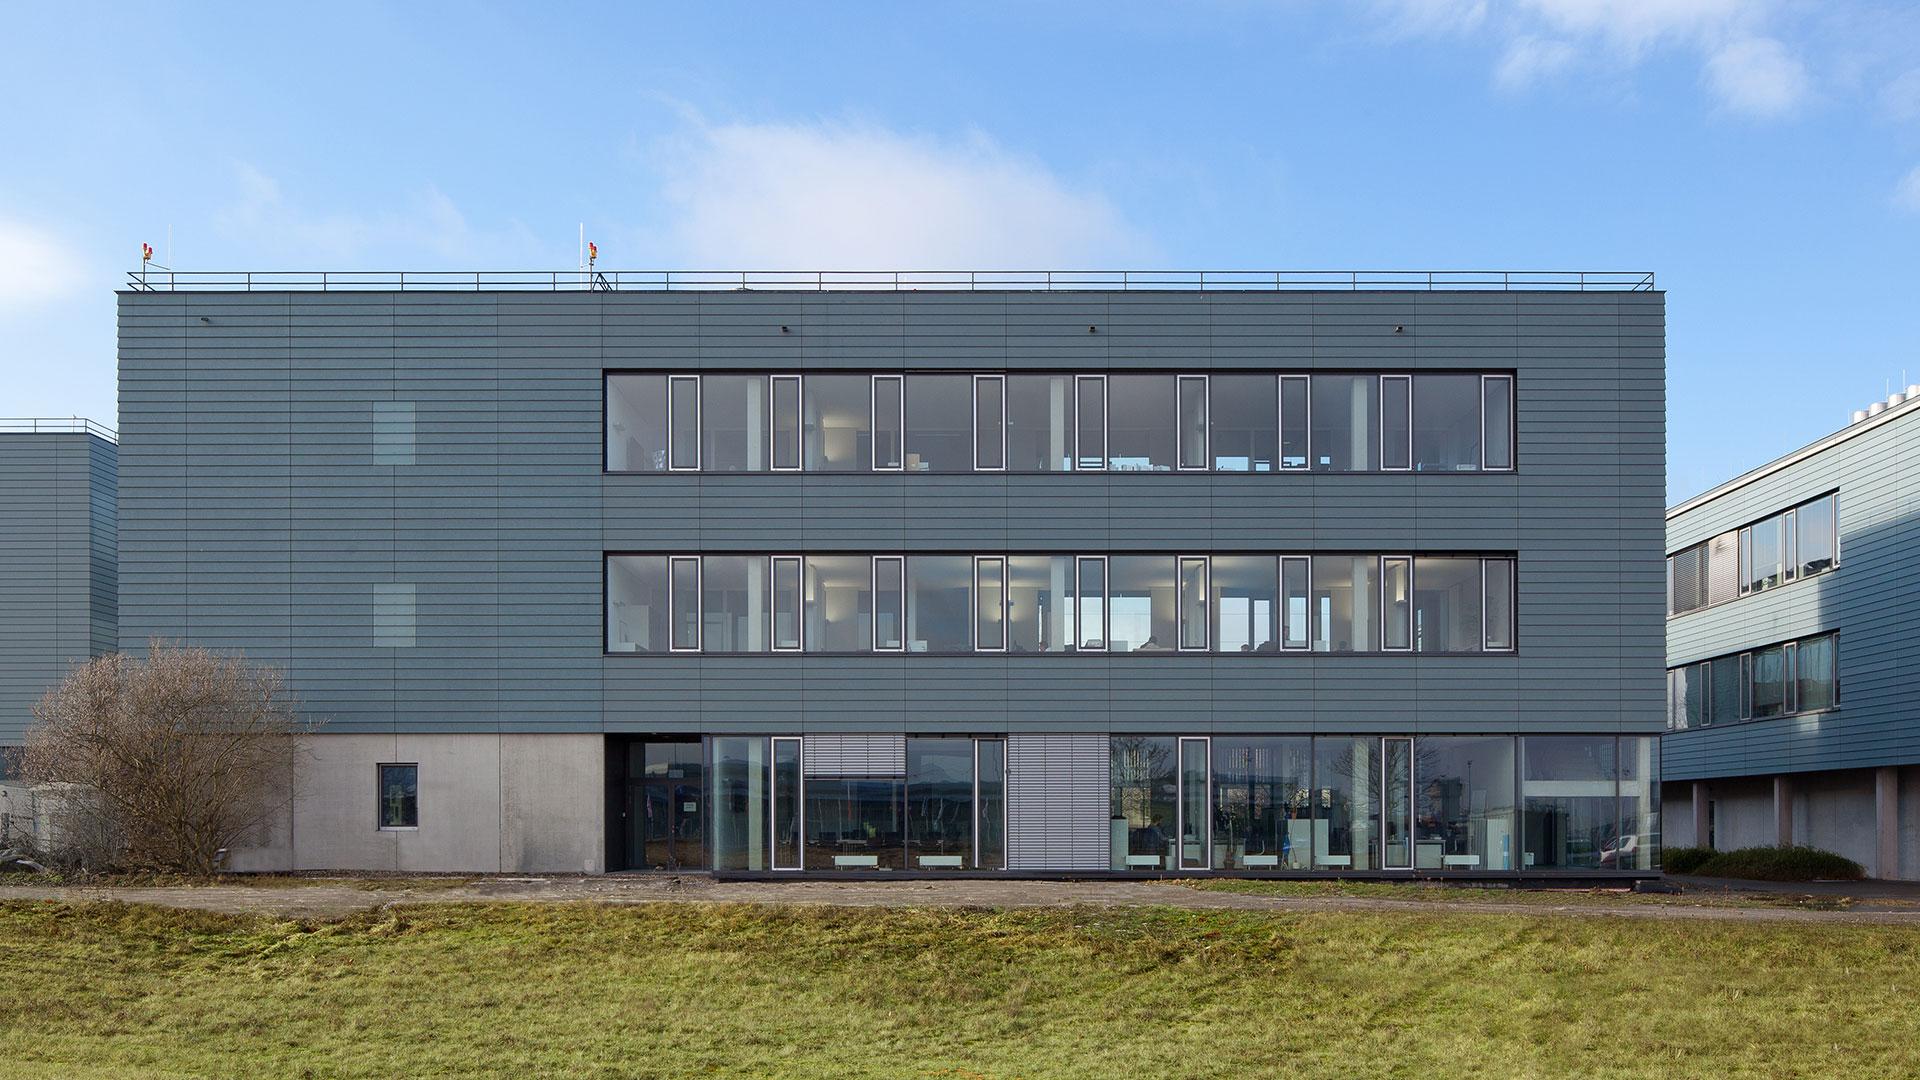 Erweiterung Mikrosystemtechnik Freiburg 3 - ArGe Architekten